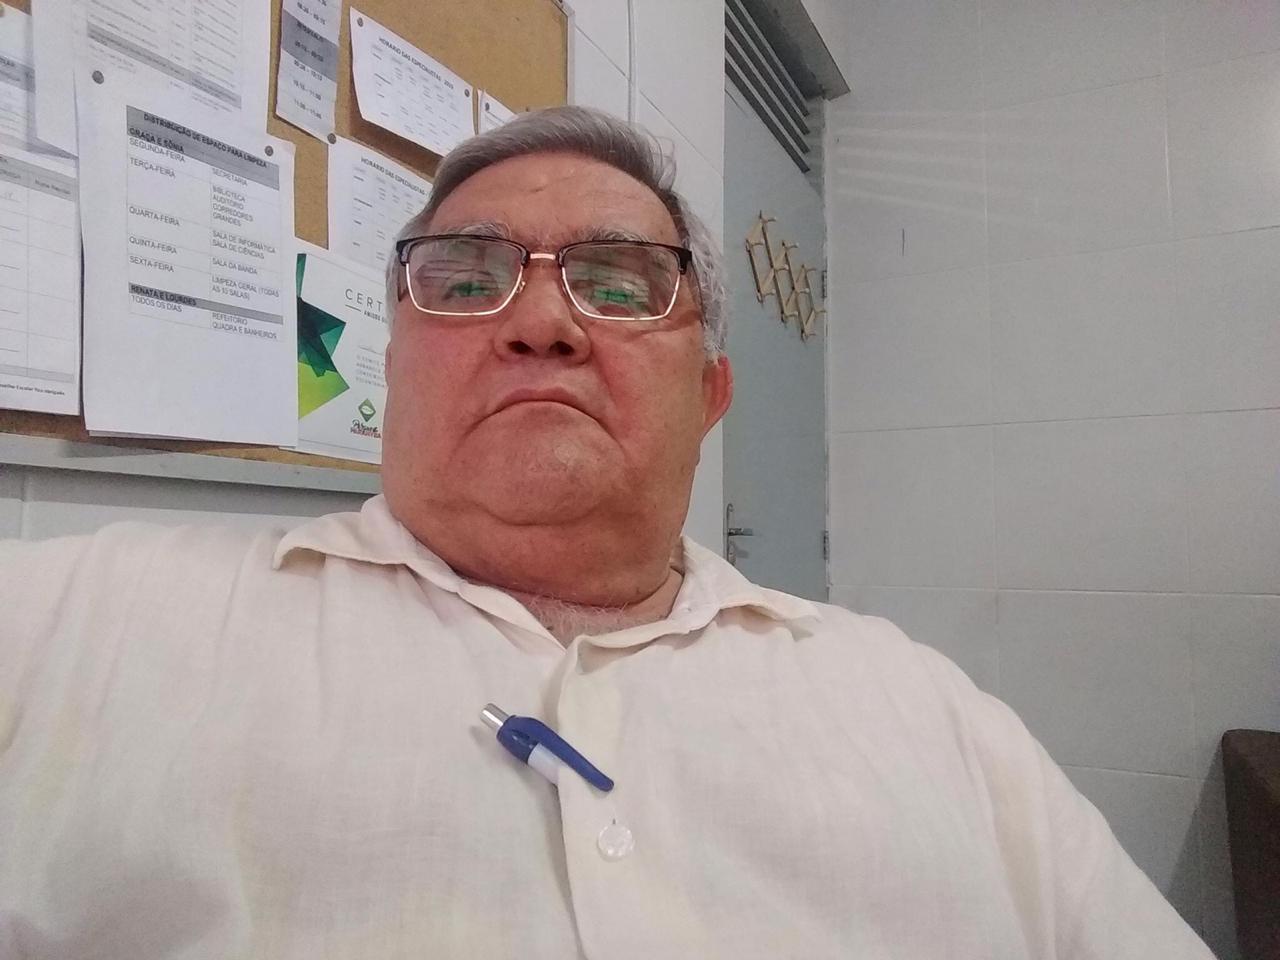 abraao - LUTO NO MAGISTÉRIO: morre vice-presidente da APLP, Abraão Alves de Carvalho